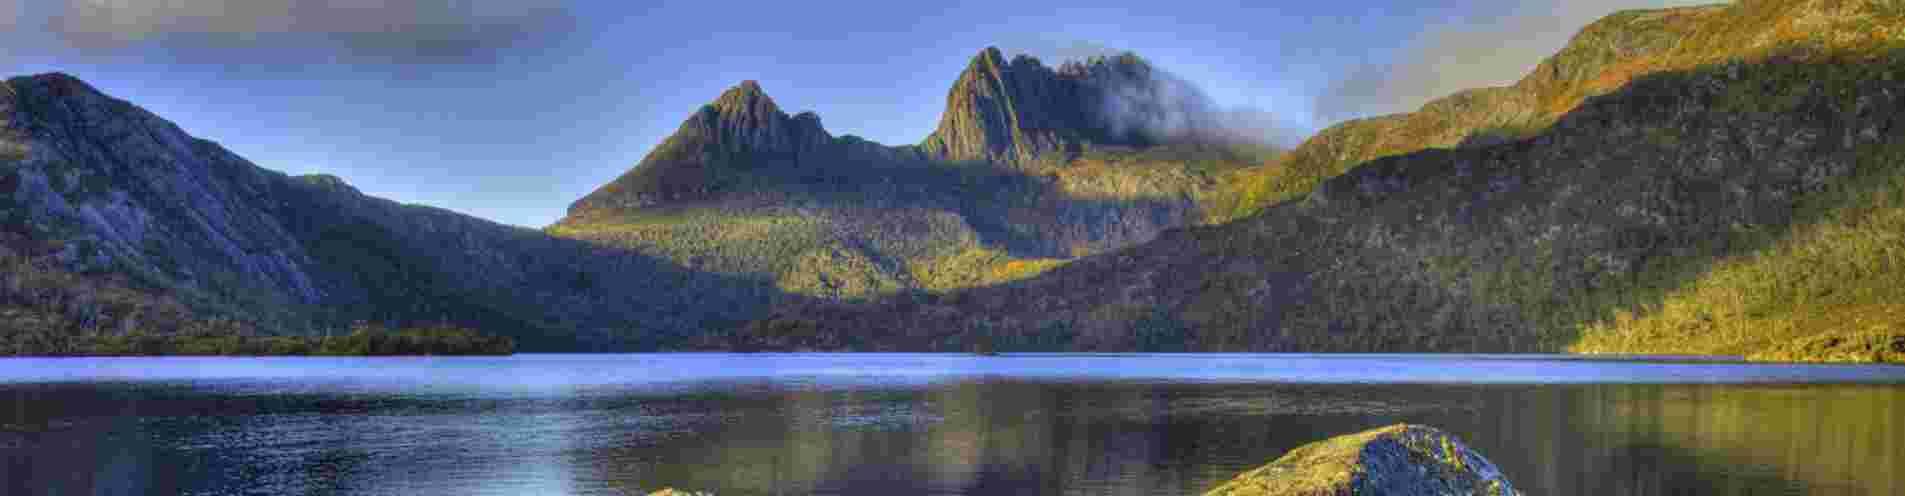 Tasmania header image